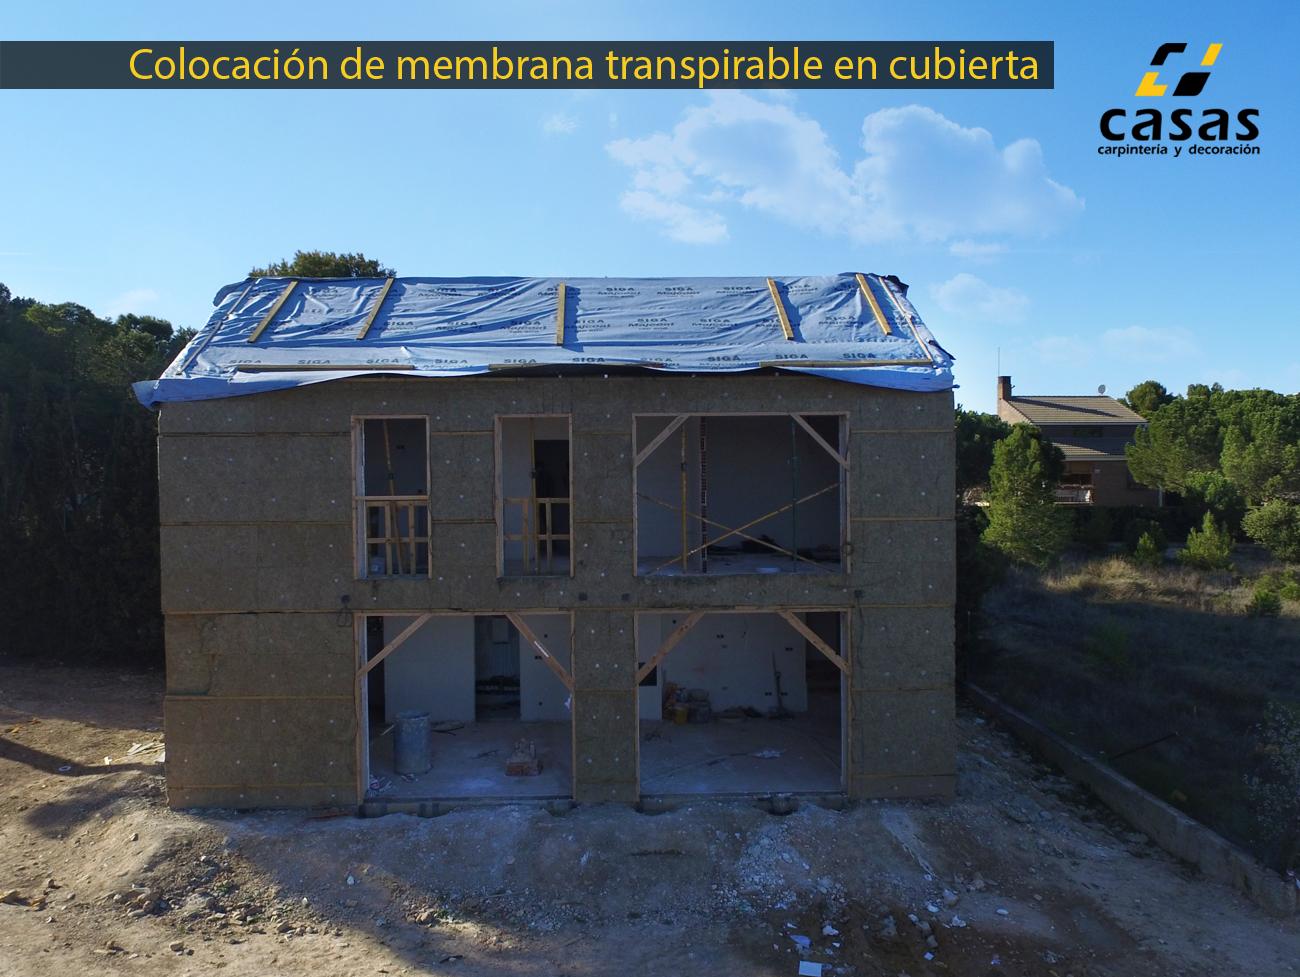 Muela 1b casas carpinter a y decoraci n - Carpinteria casas ...